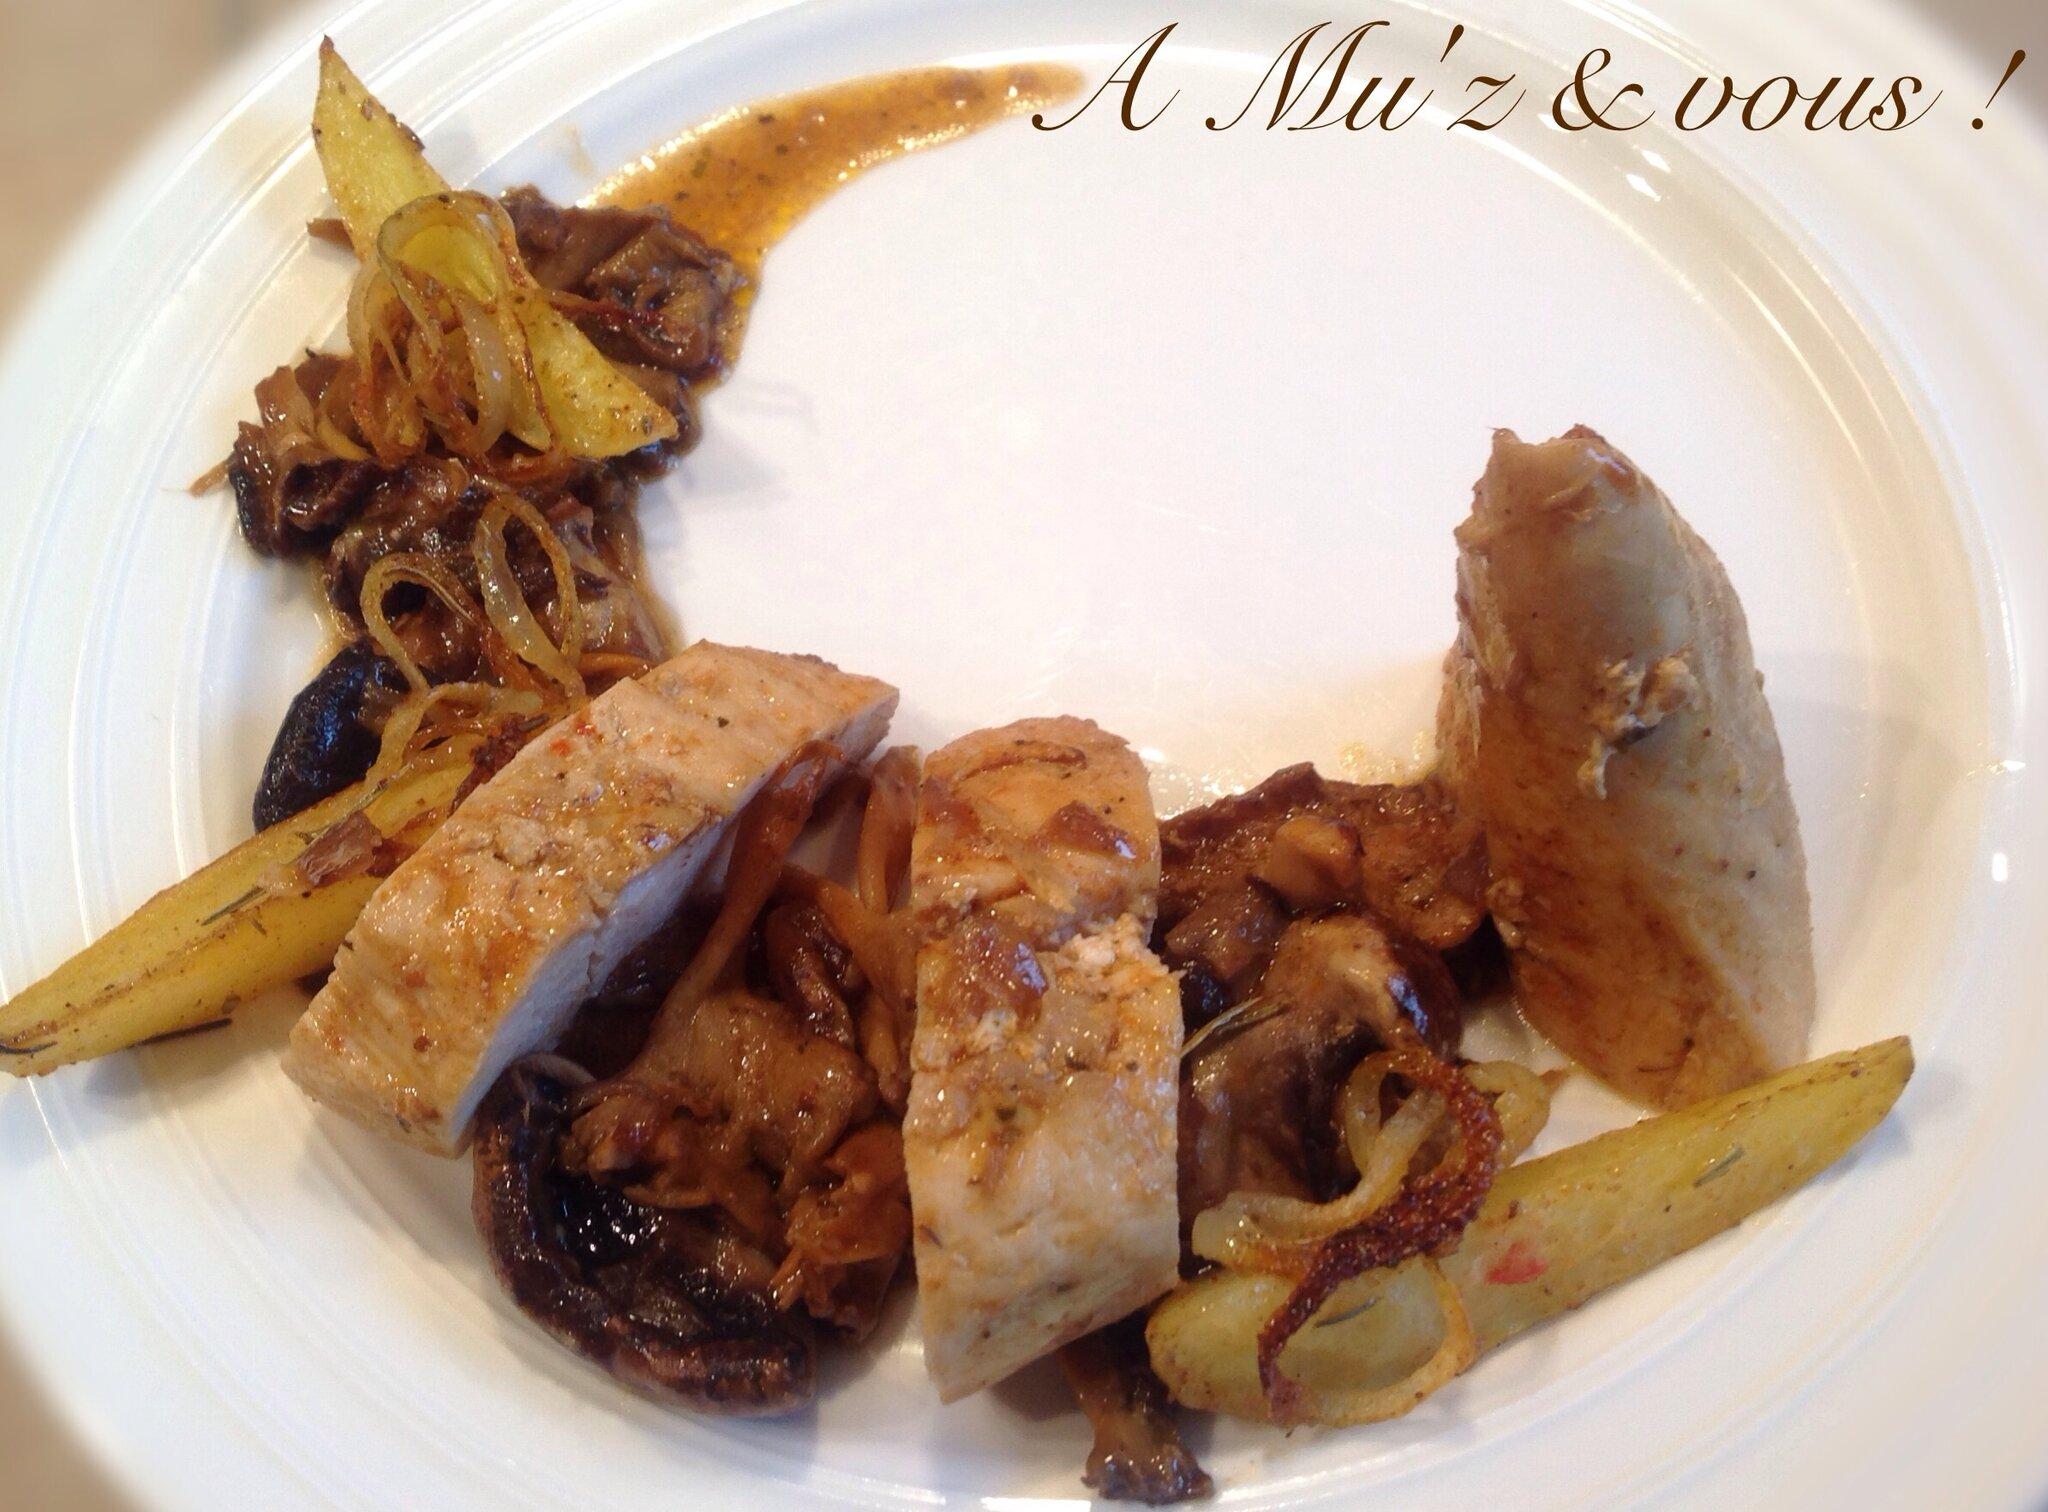 Filet de poulet, champignons des bois sautés à la truffe, pommes de terre grillées au four